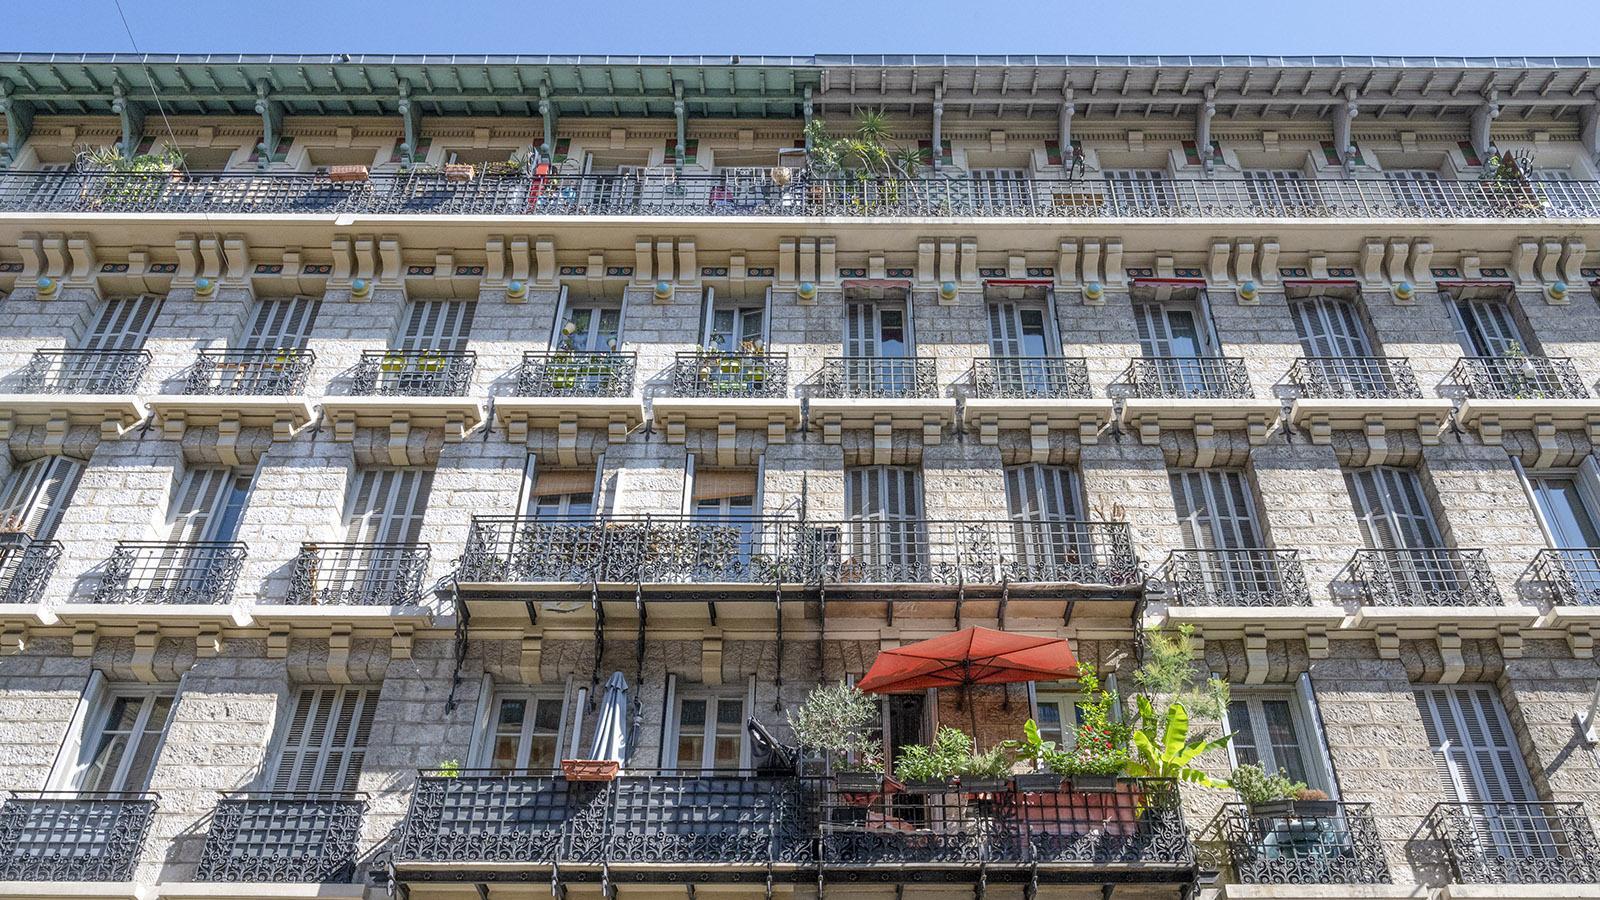 Eindrucksvoll: die Architektur von Nizza.